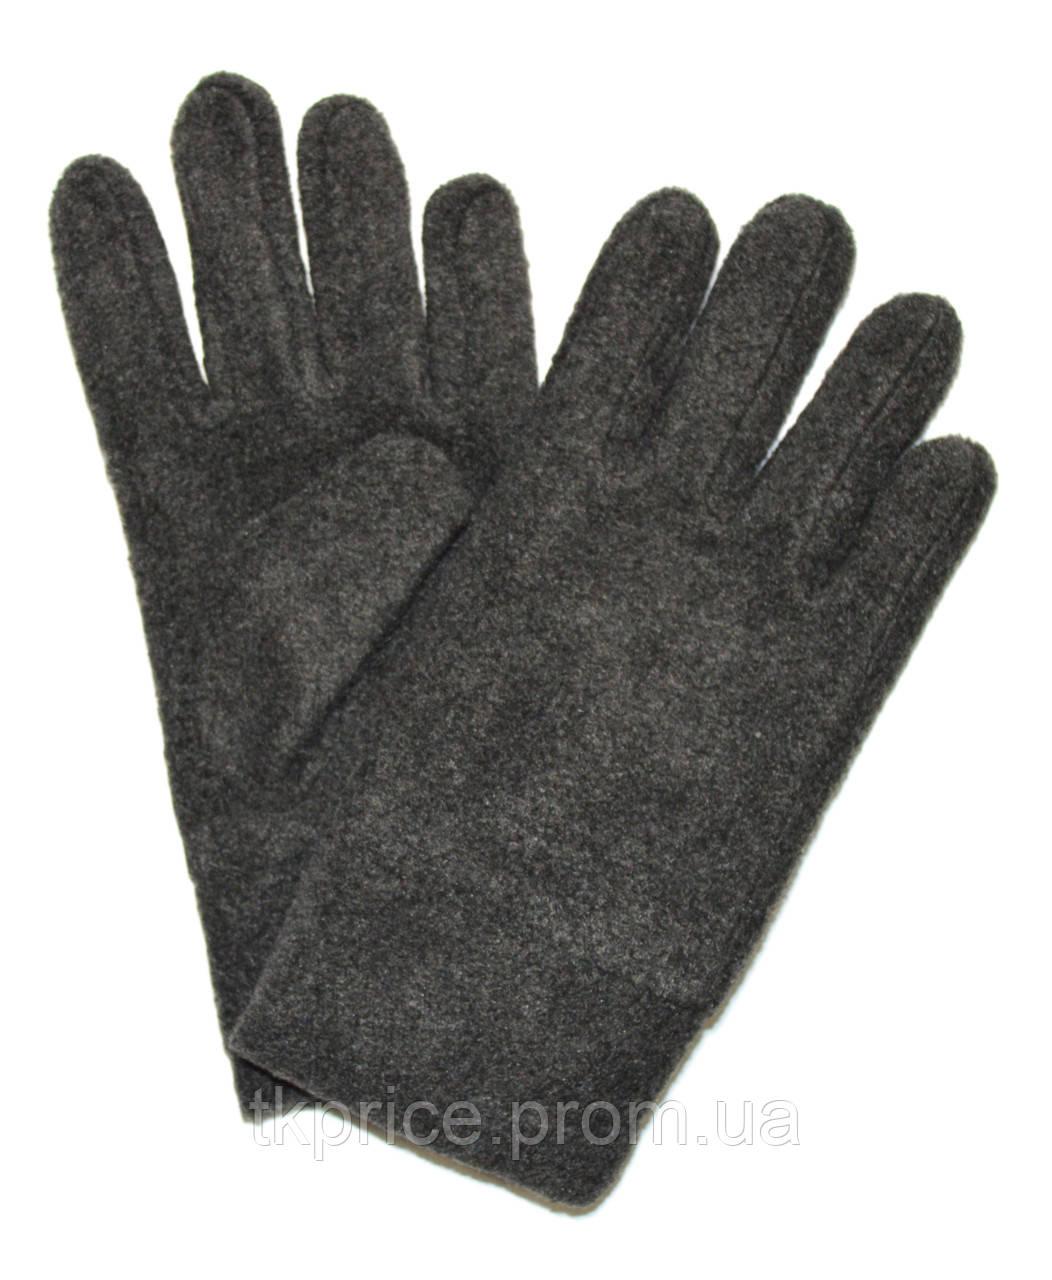 Подростковые флисовые перчатки двойные длина 21 см